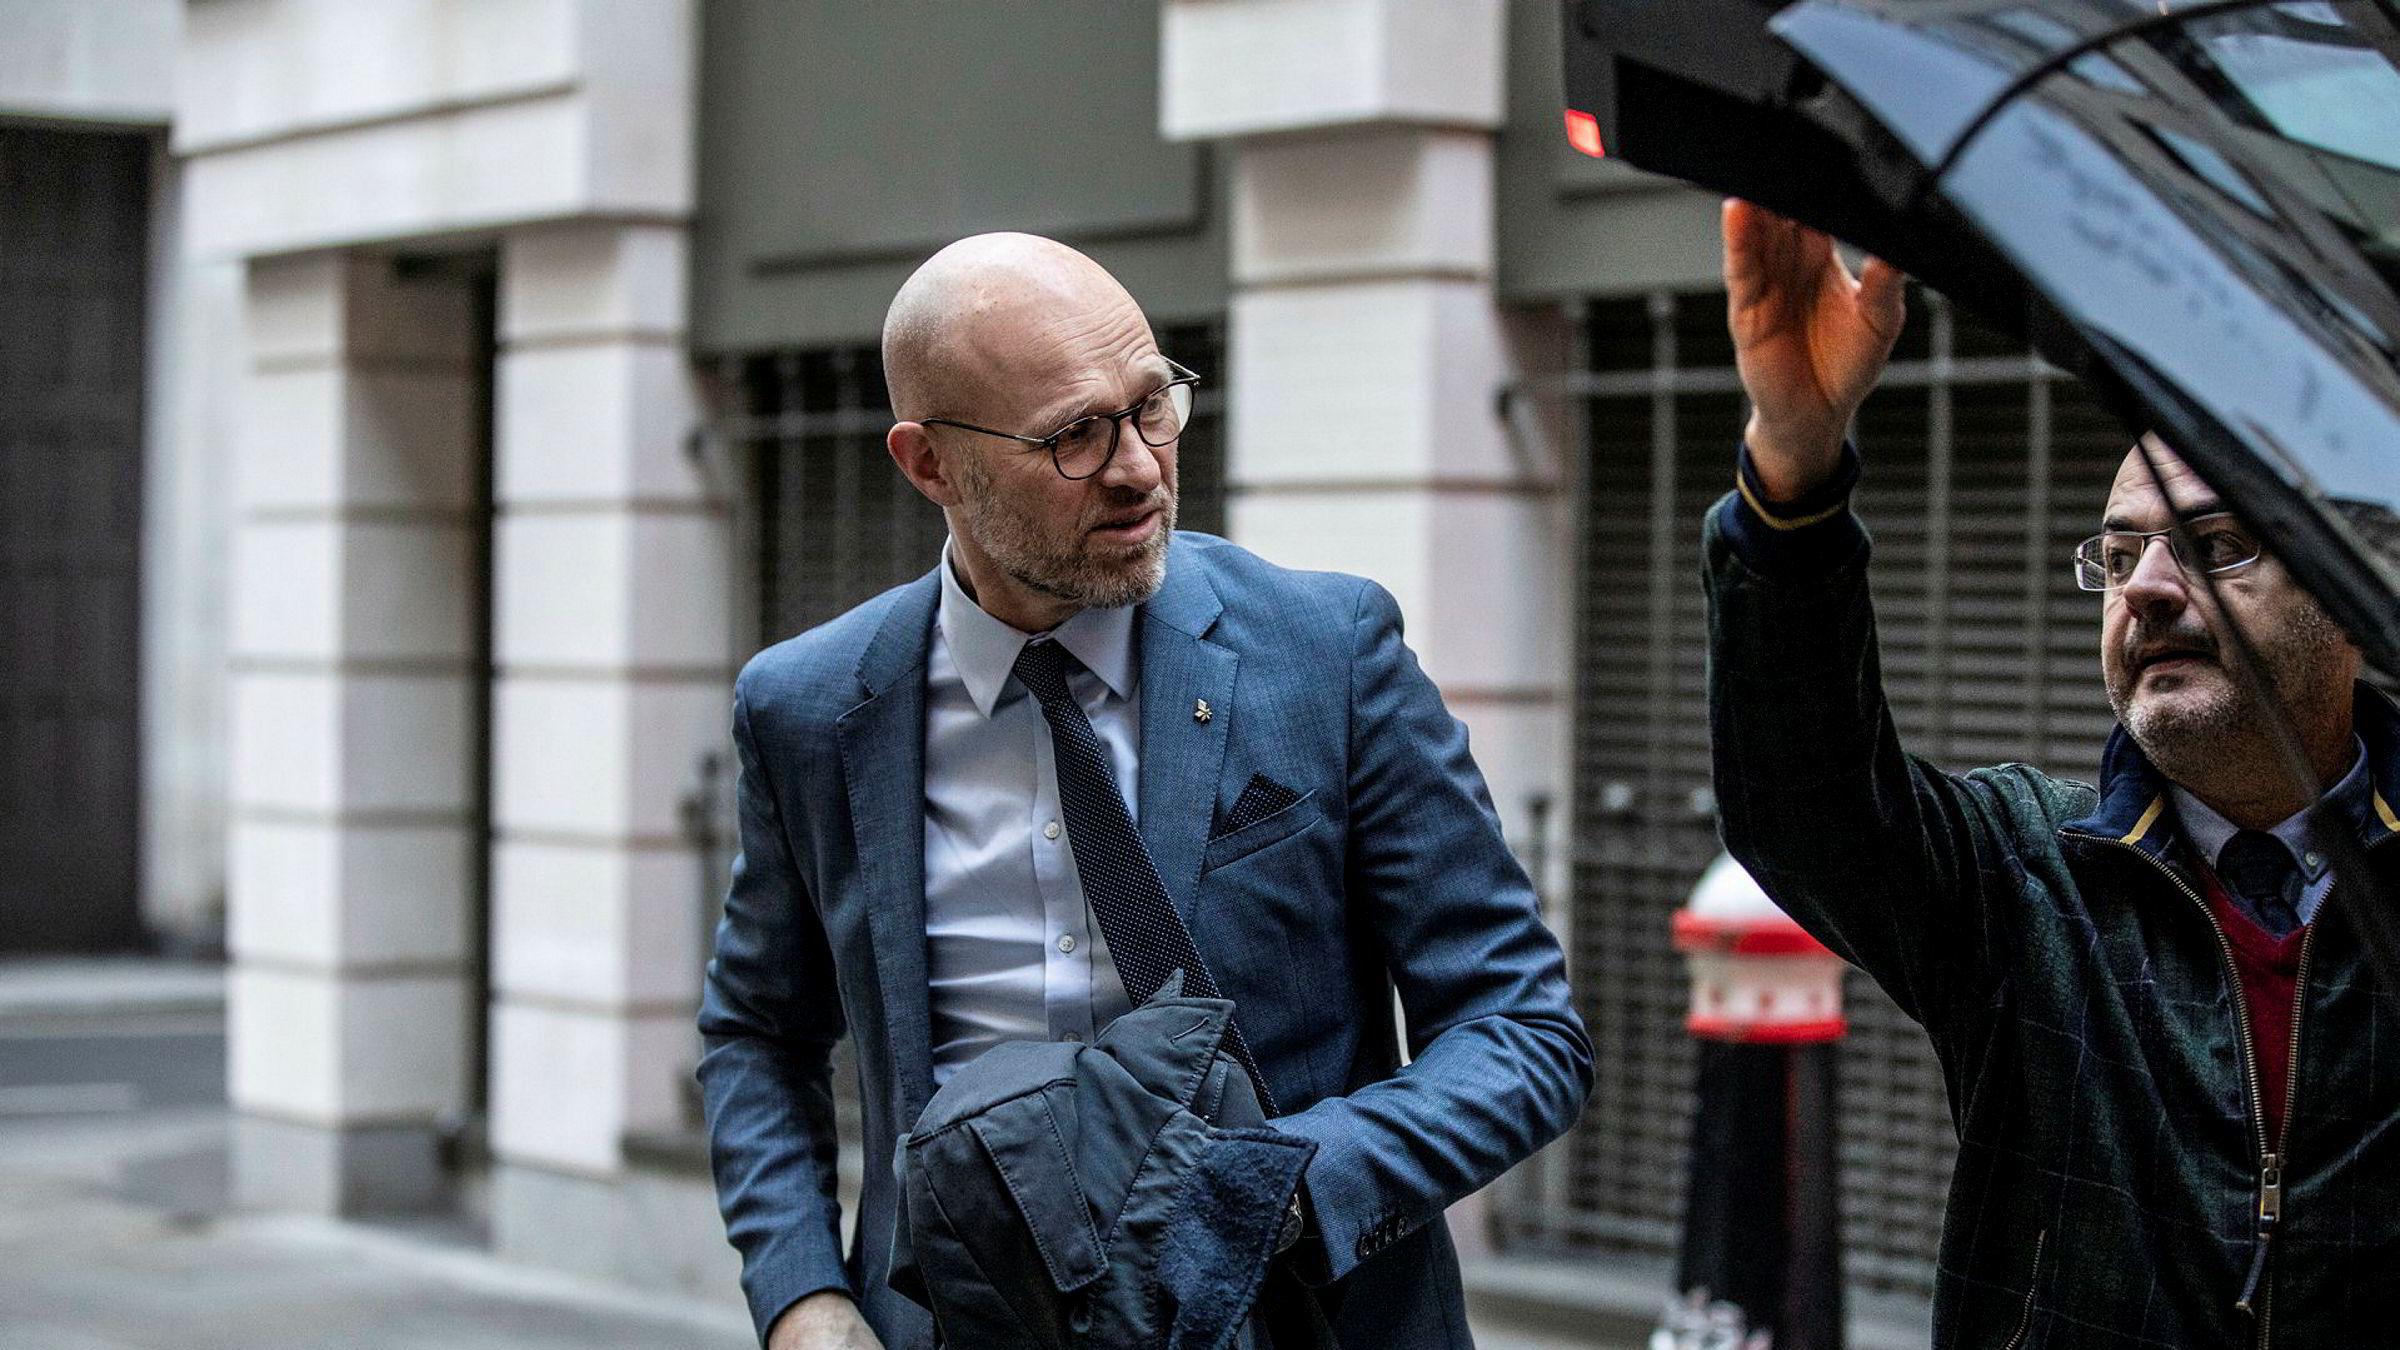 Torgrim Reitan, konserndirektør i Equinor, har tidligere vært finansdirektør og senere sjef for den amerikanske virksomheten.